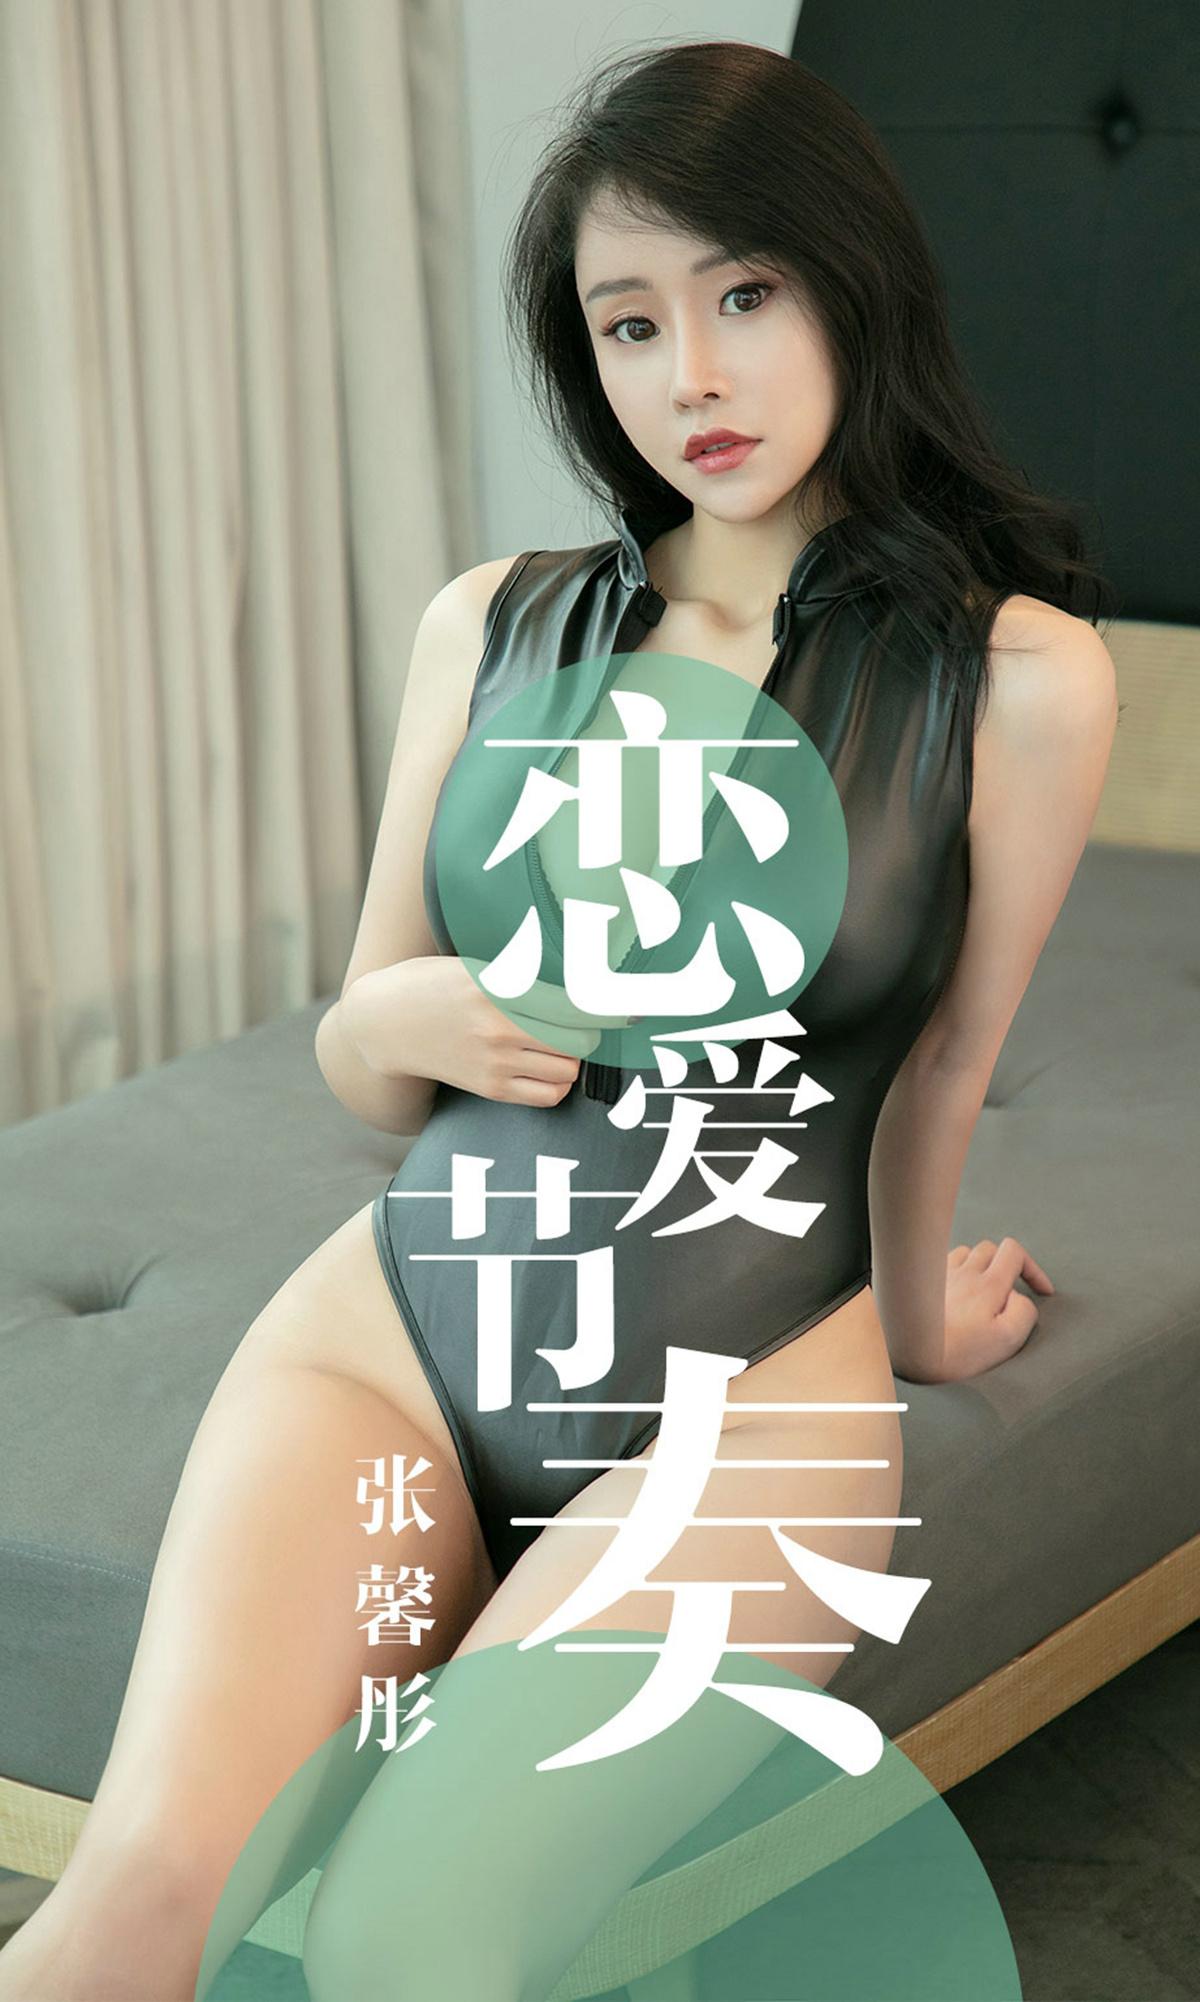 [Ugirls]爱尤物 No.1459 恋爱节奏 张馨彤 [